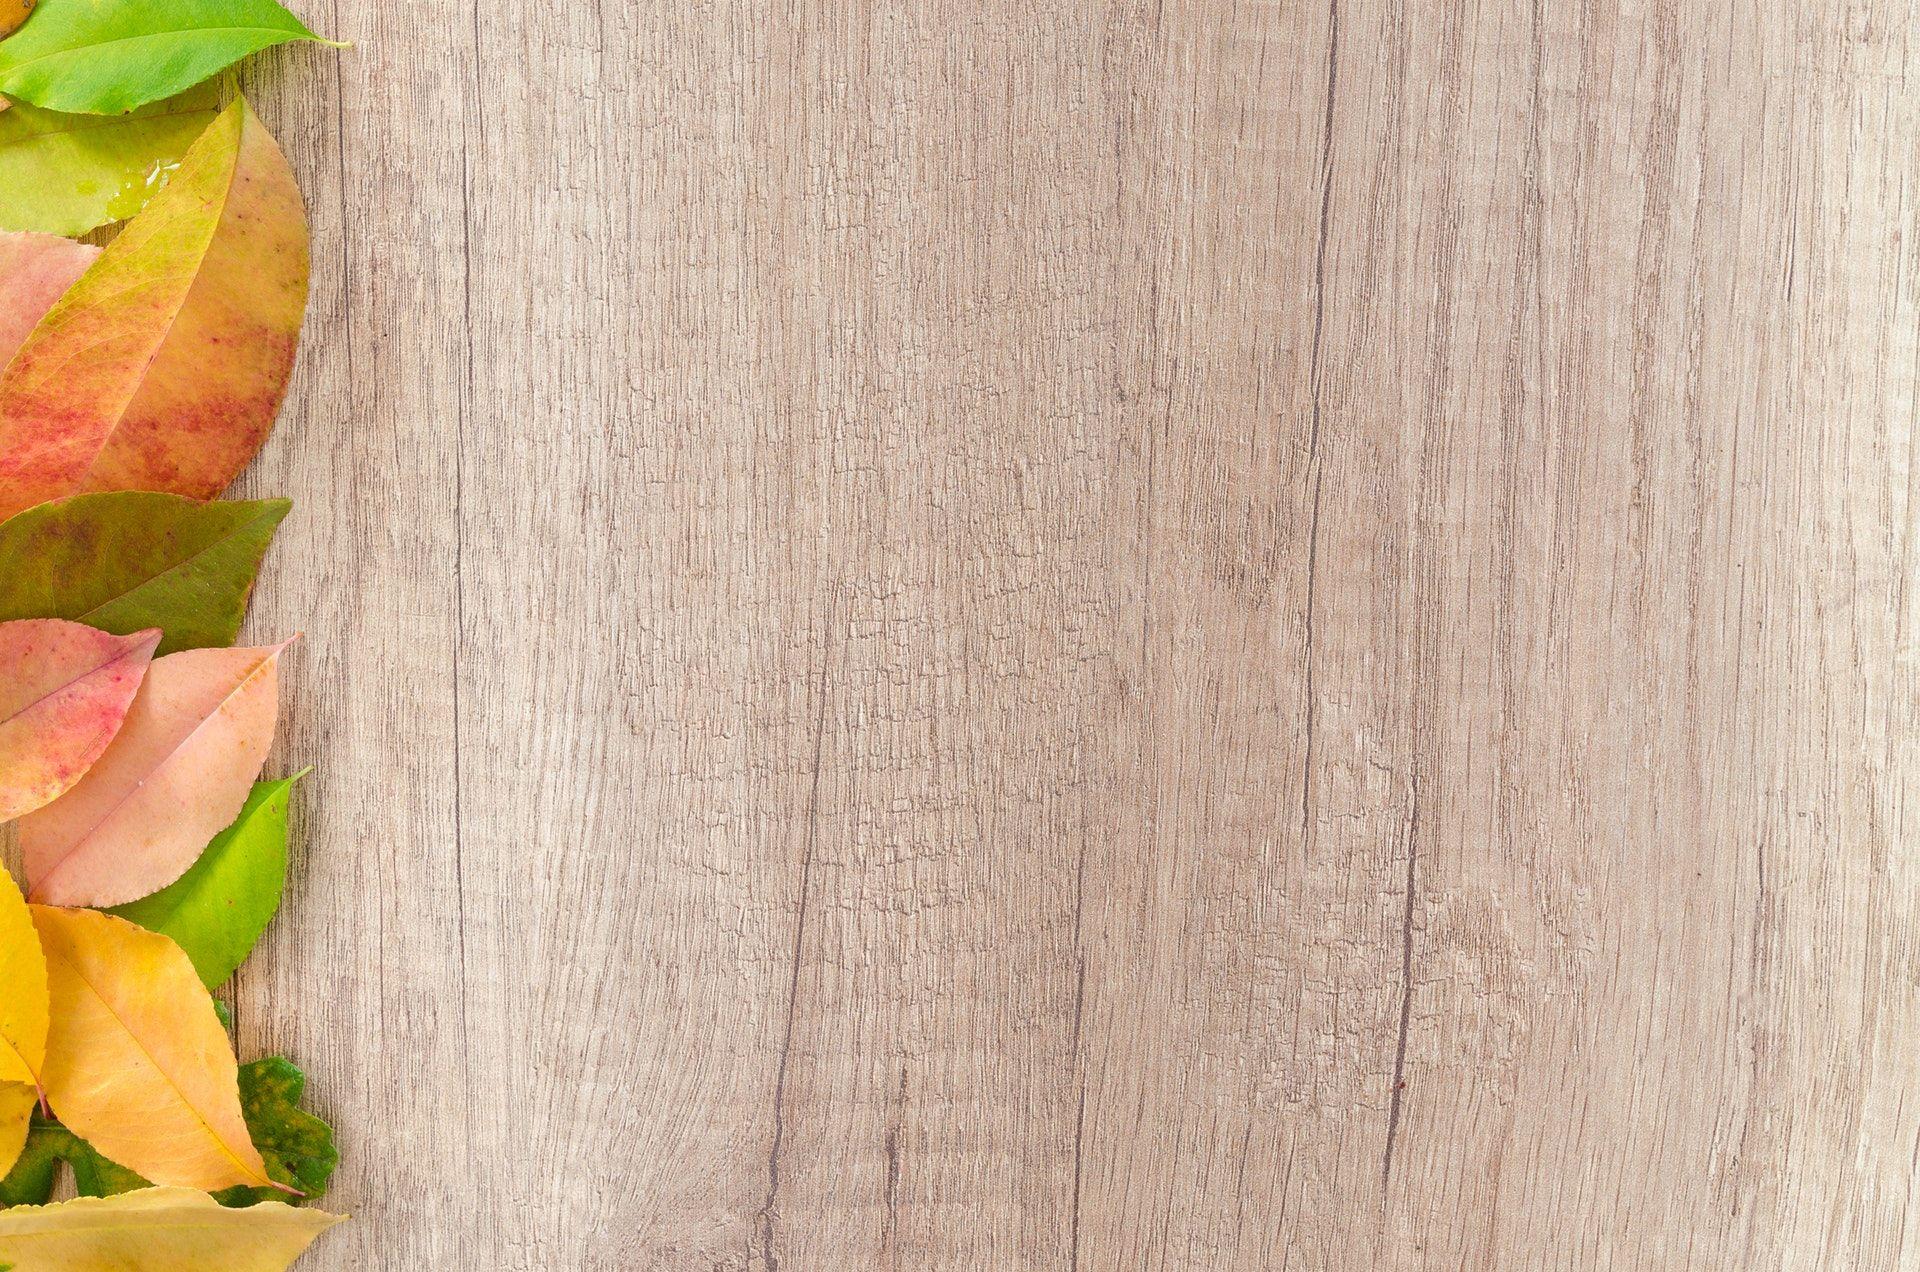 عکس زمینه طرح چوبی با برگ های رنگی پس زمینه